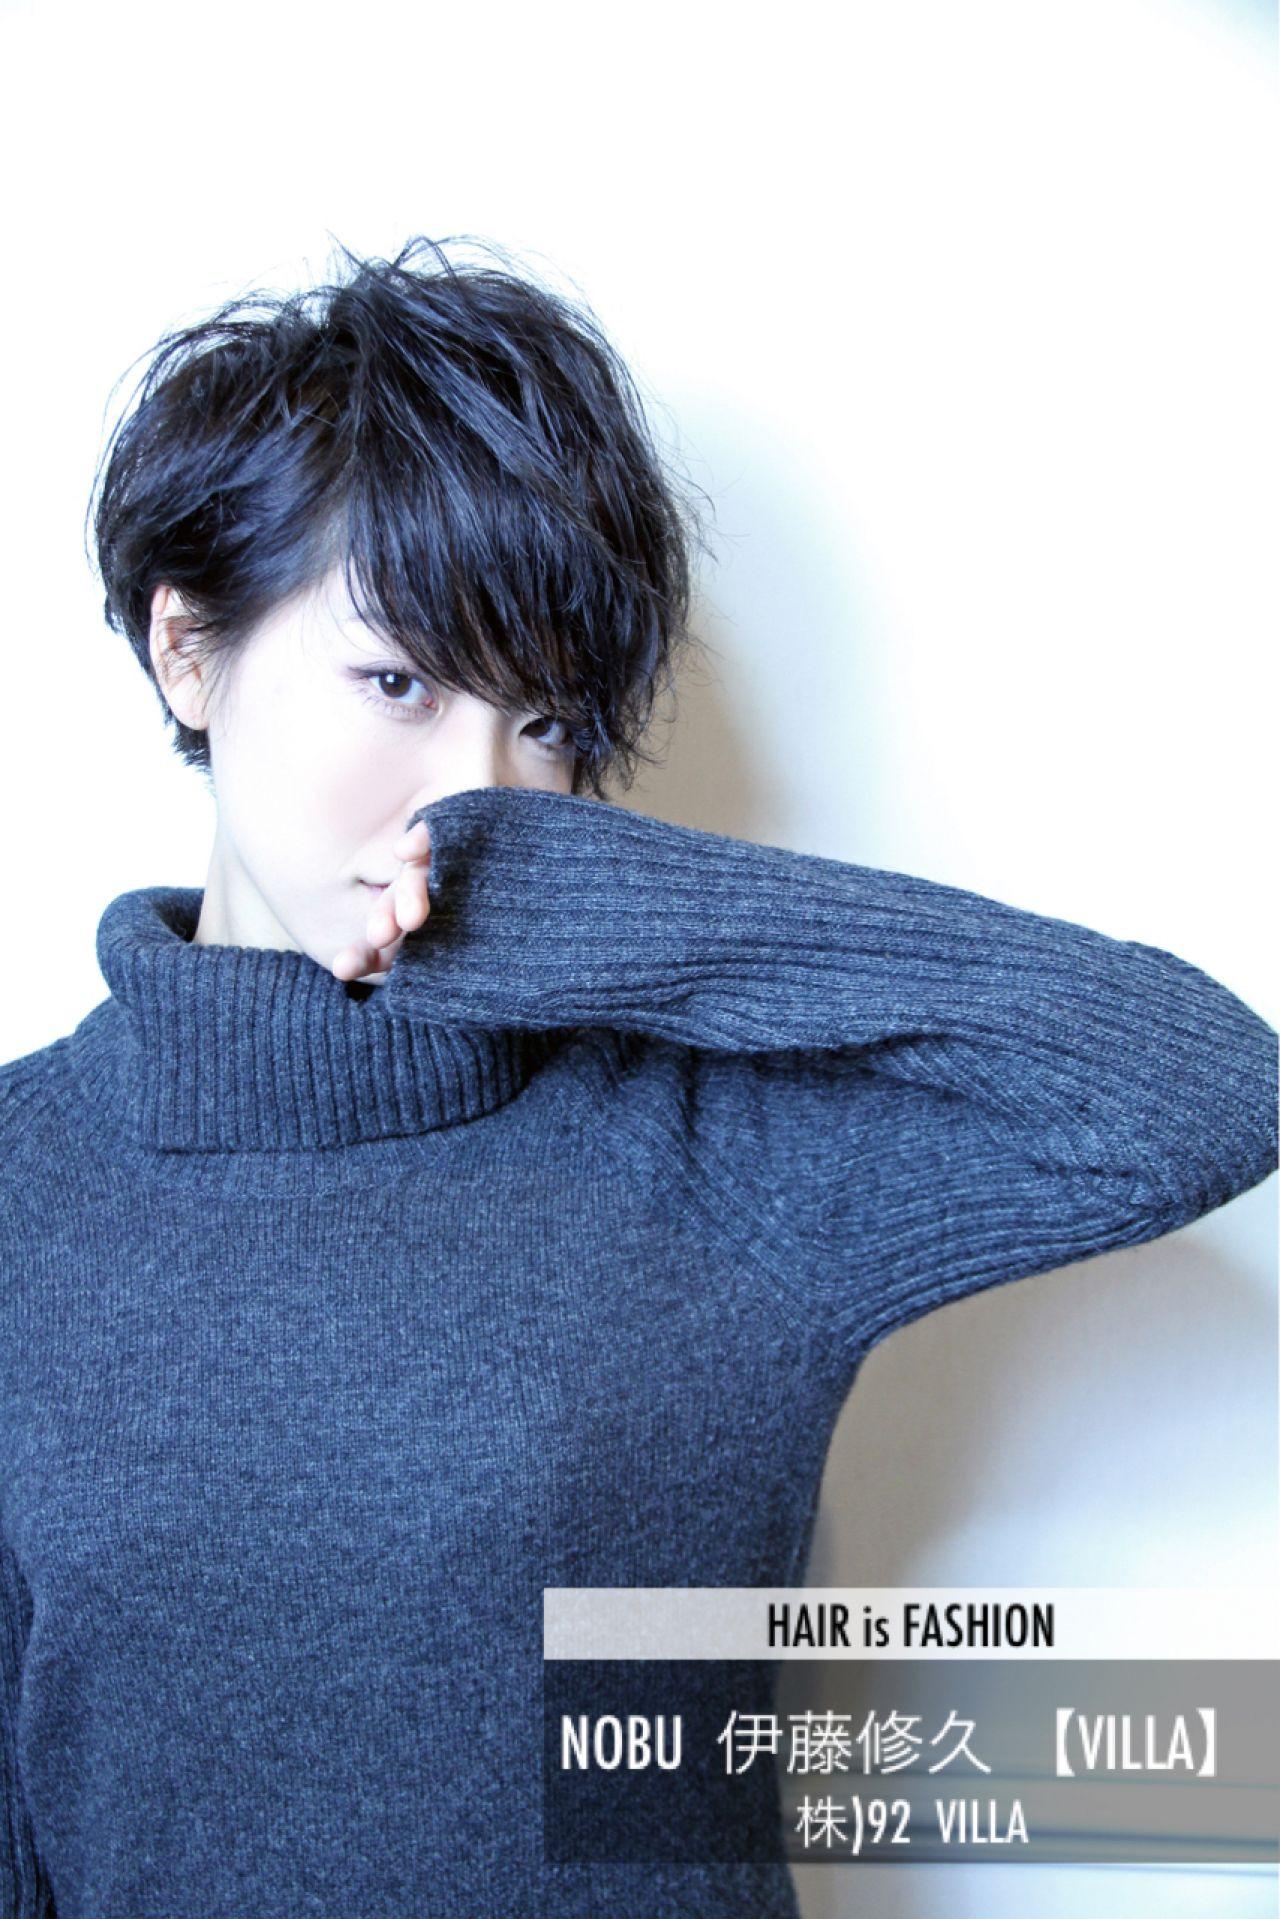 似合わない顔なし!はるさん似のショートヘア ショート職人 伊藤修久 【#tag】